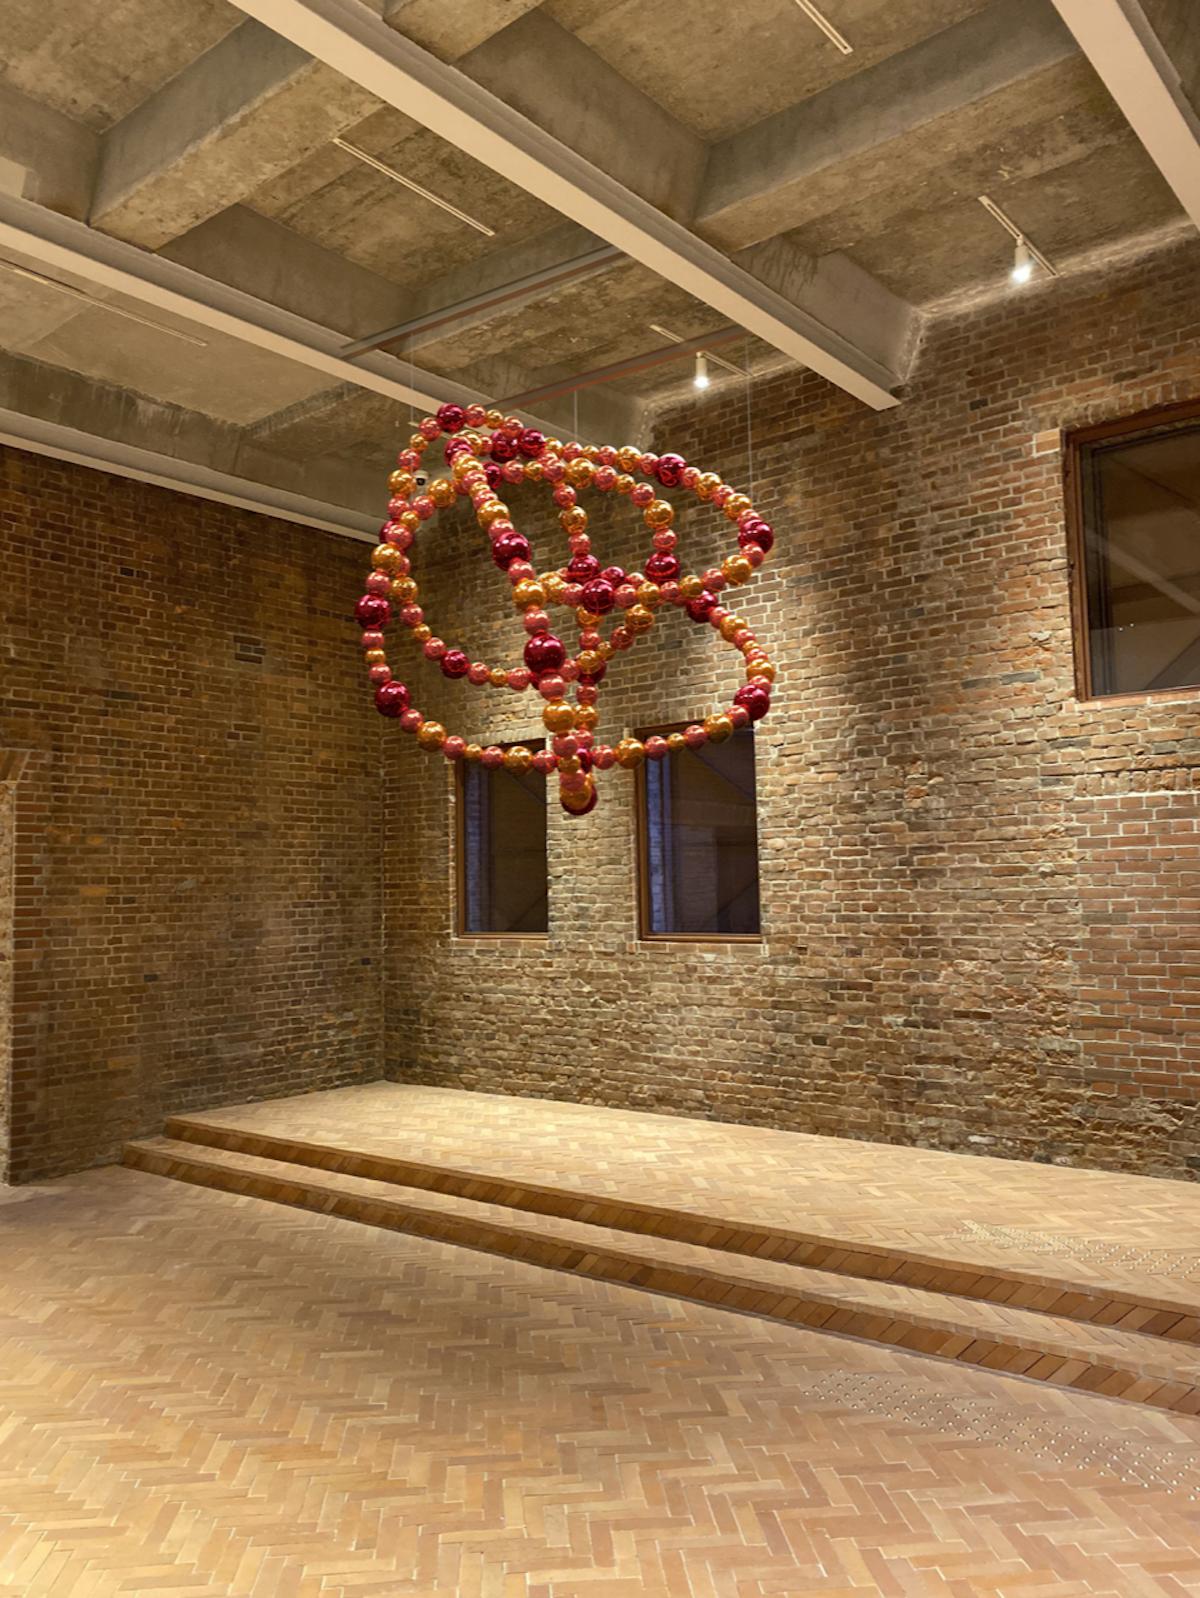 ジャン=ミシェル・オトニエル《エデンの結び目》(Simulation from the artist studio) ©︎Othoniel Studio